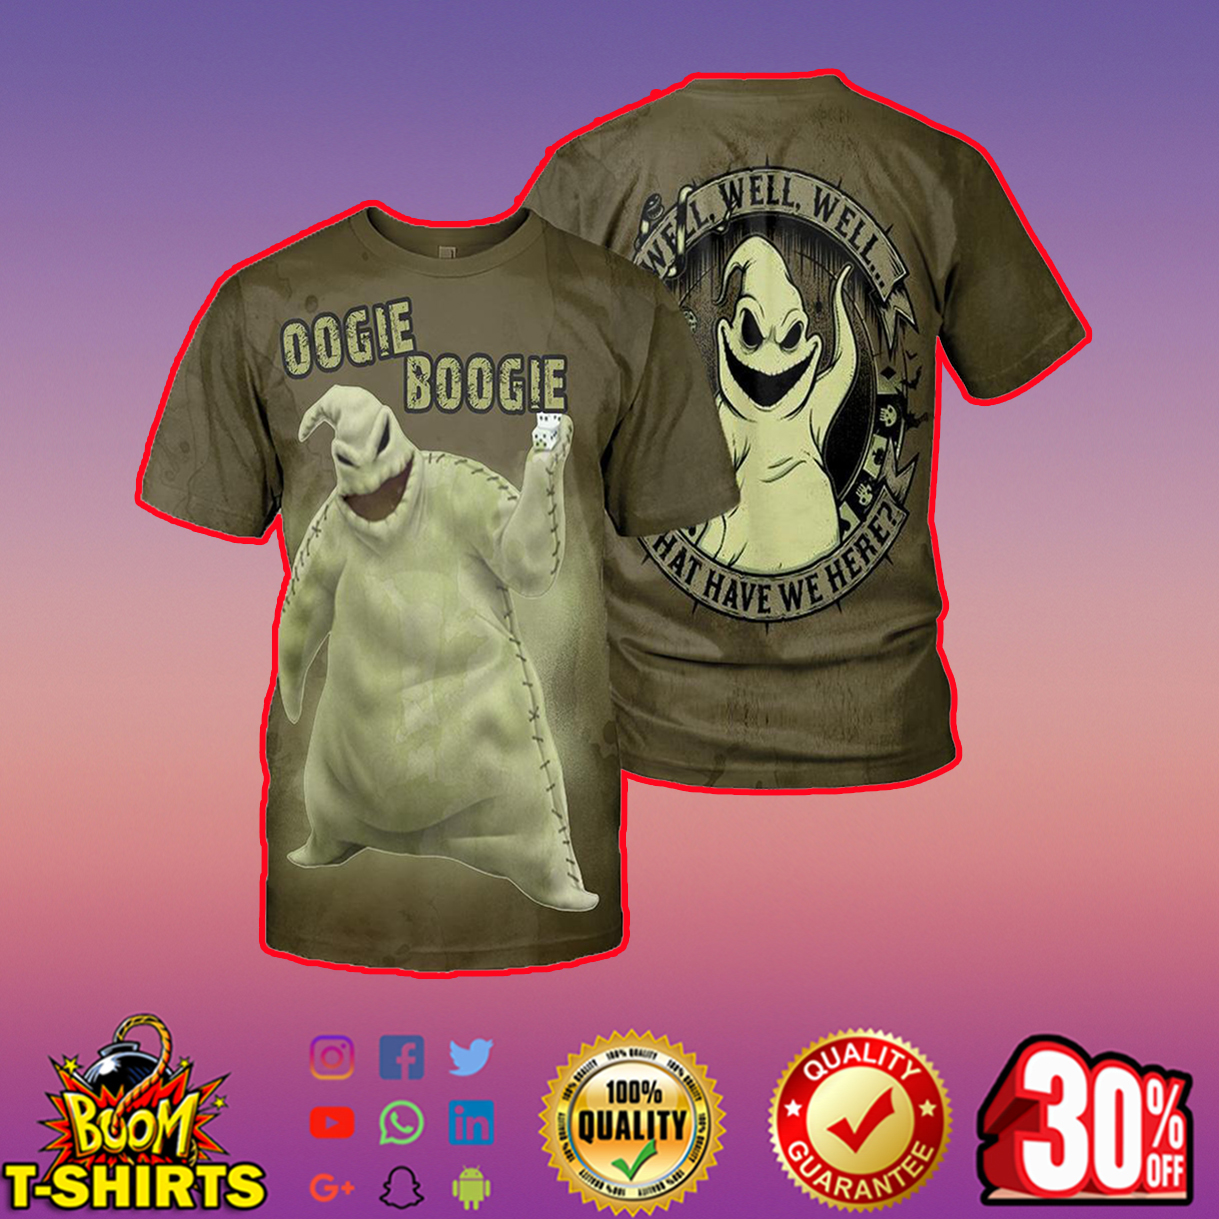 Oogie Boogie 3d shirt, 3d hoodie - t-shirt 3d